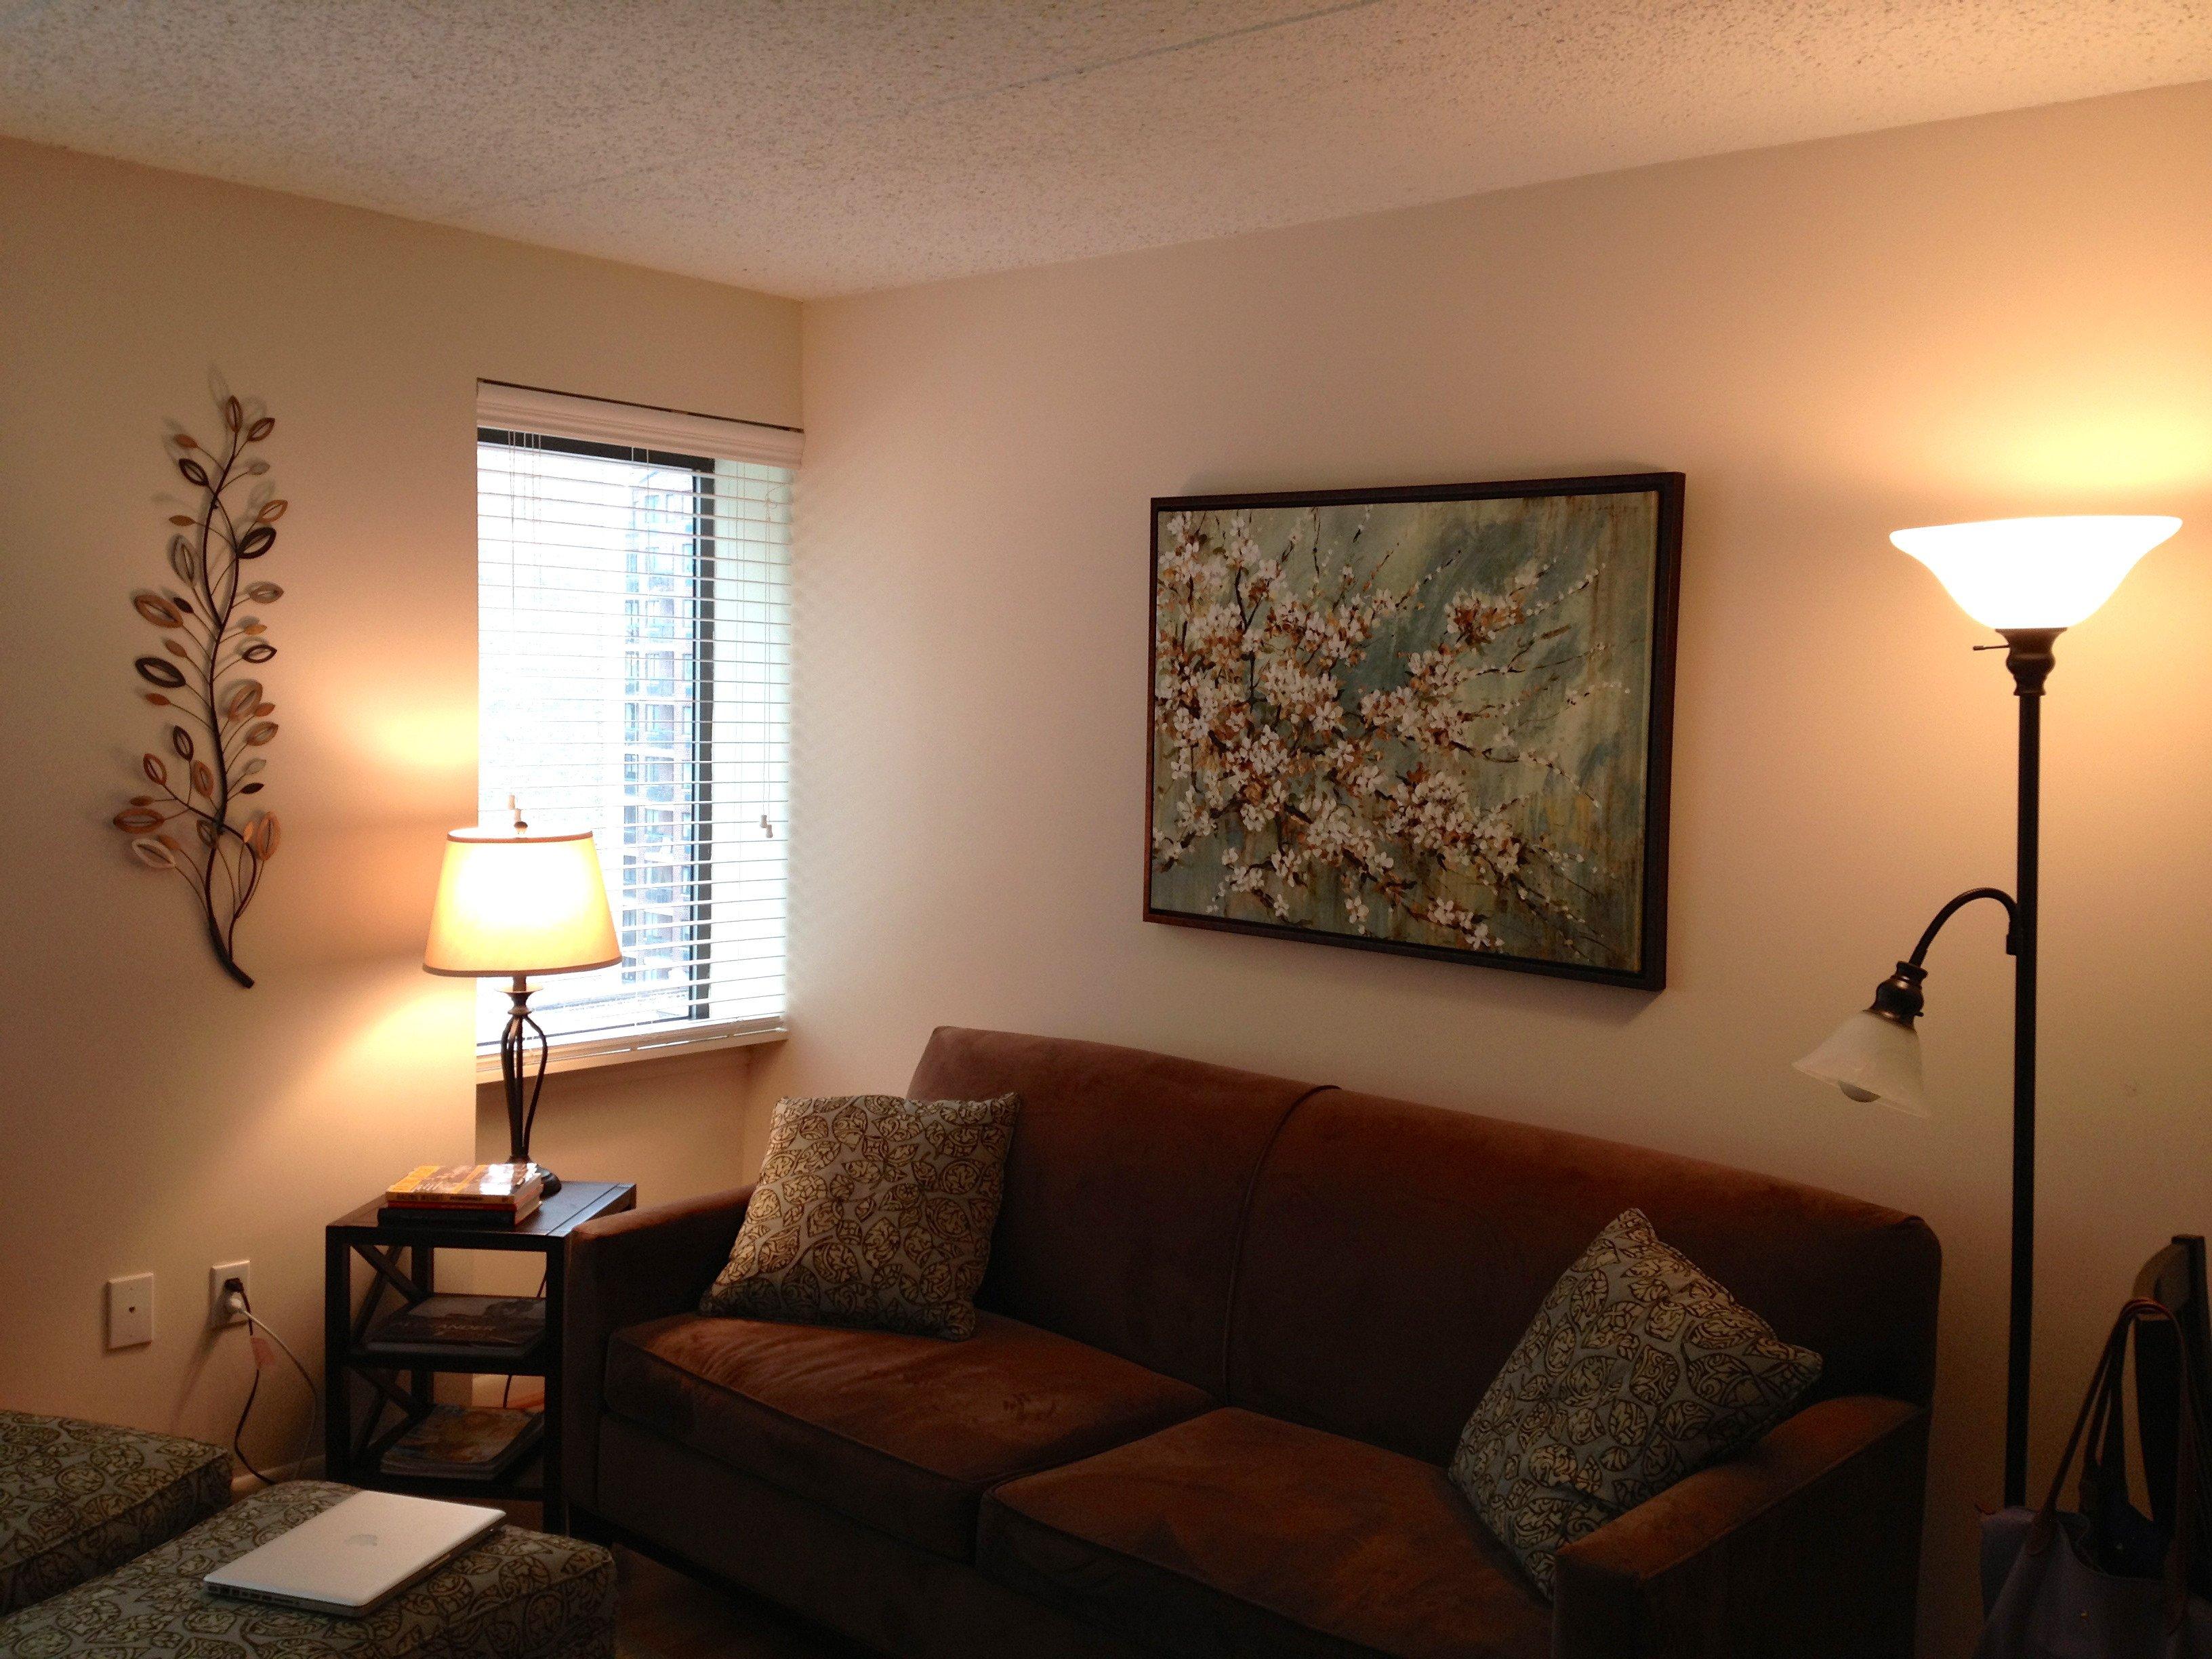 Apartment Living Room Decorating Unique 34 Living Room Decorating Ideas for Apartments Living Room Modern Apartment Living Room